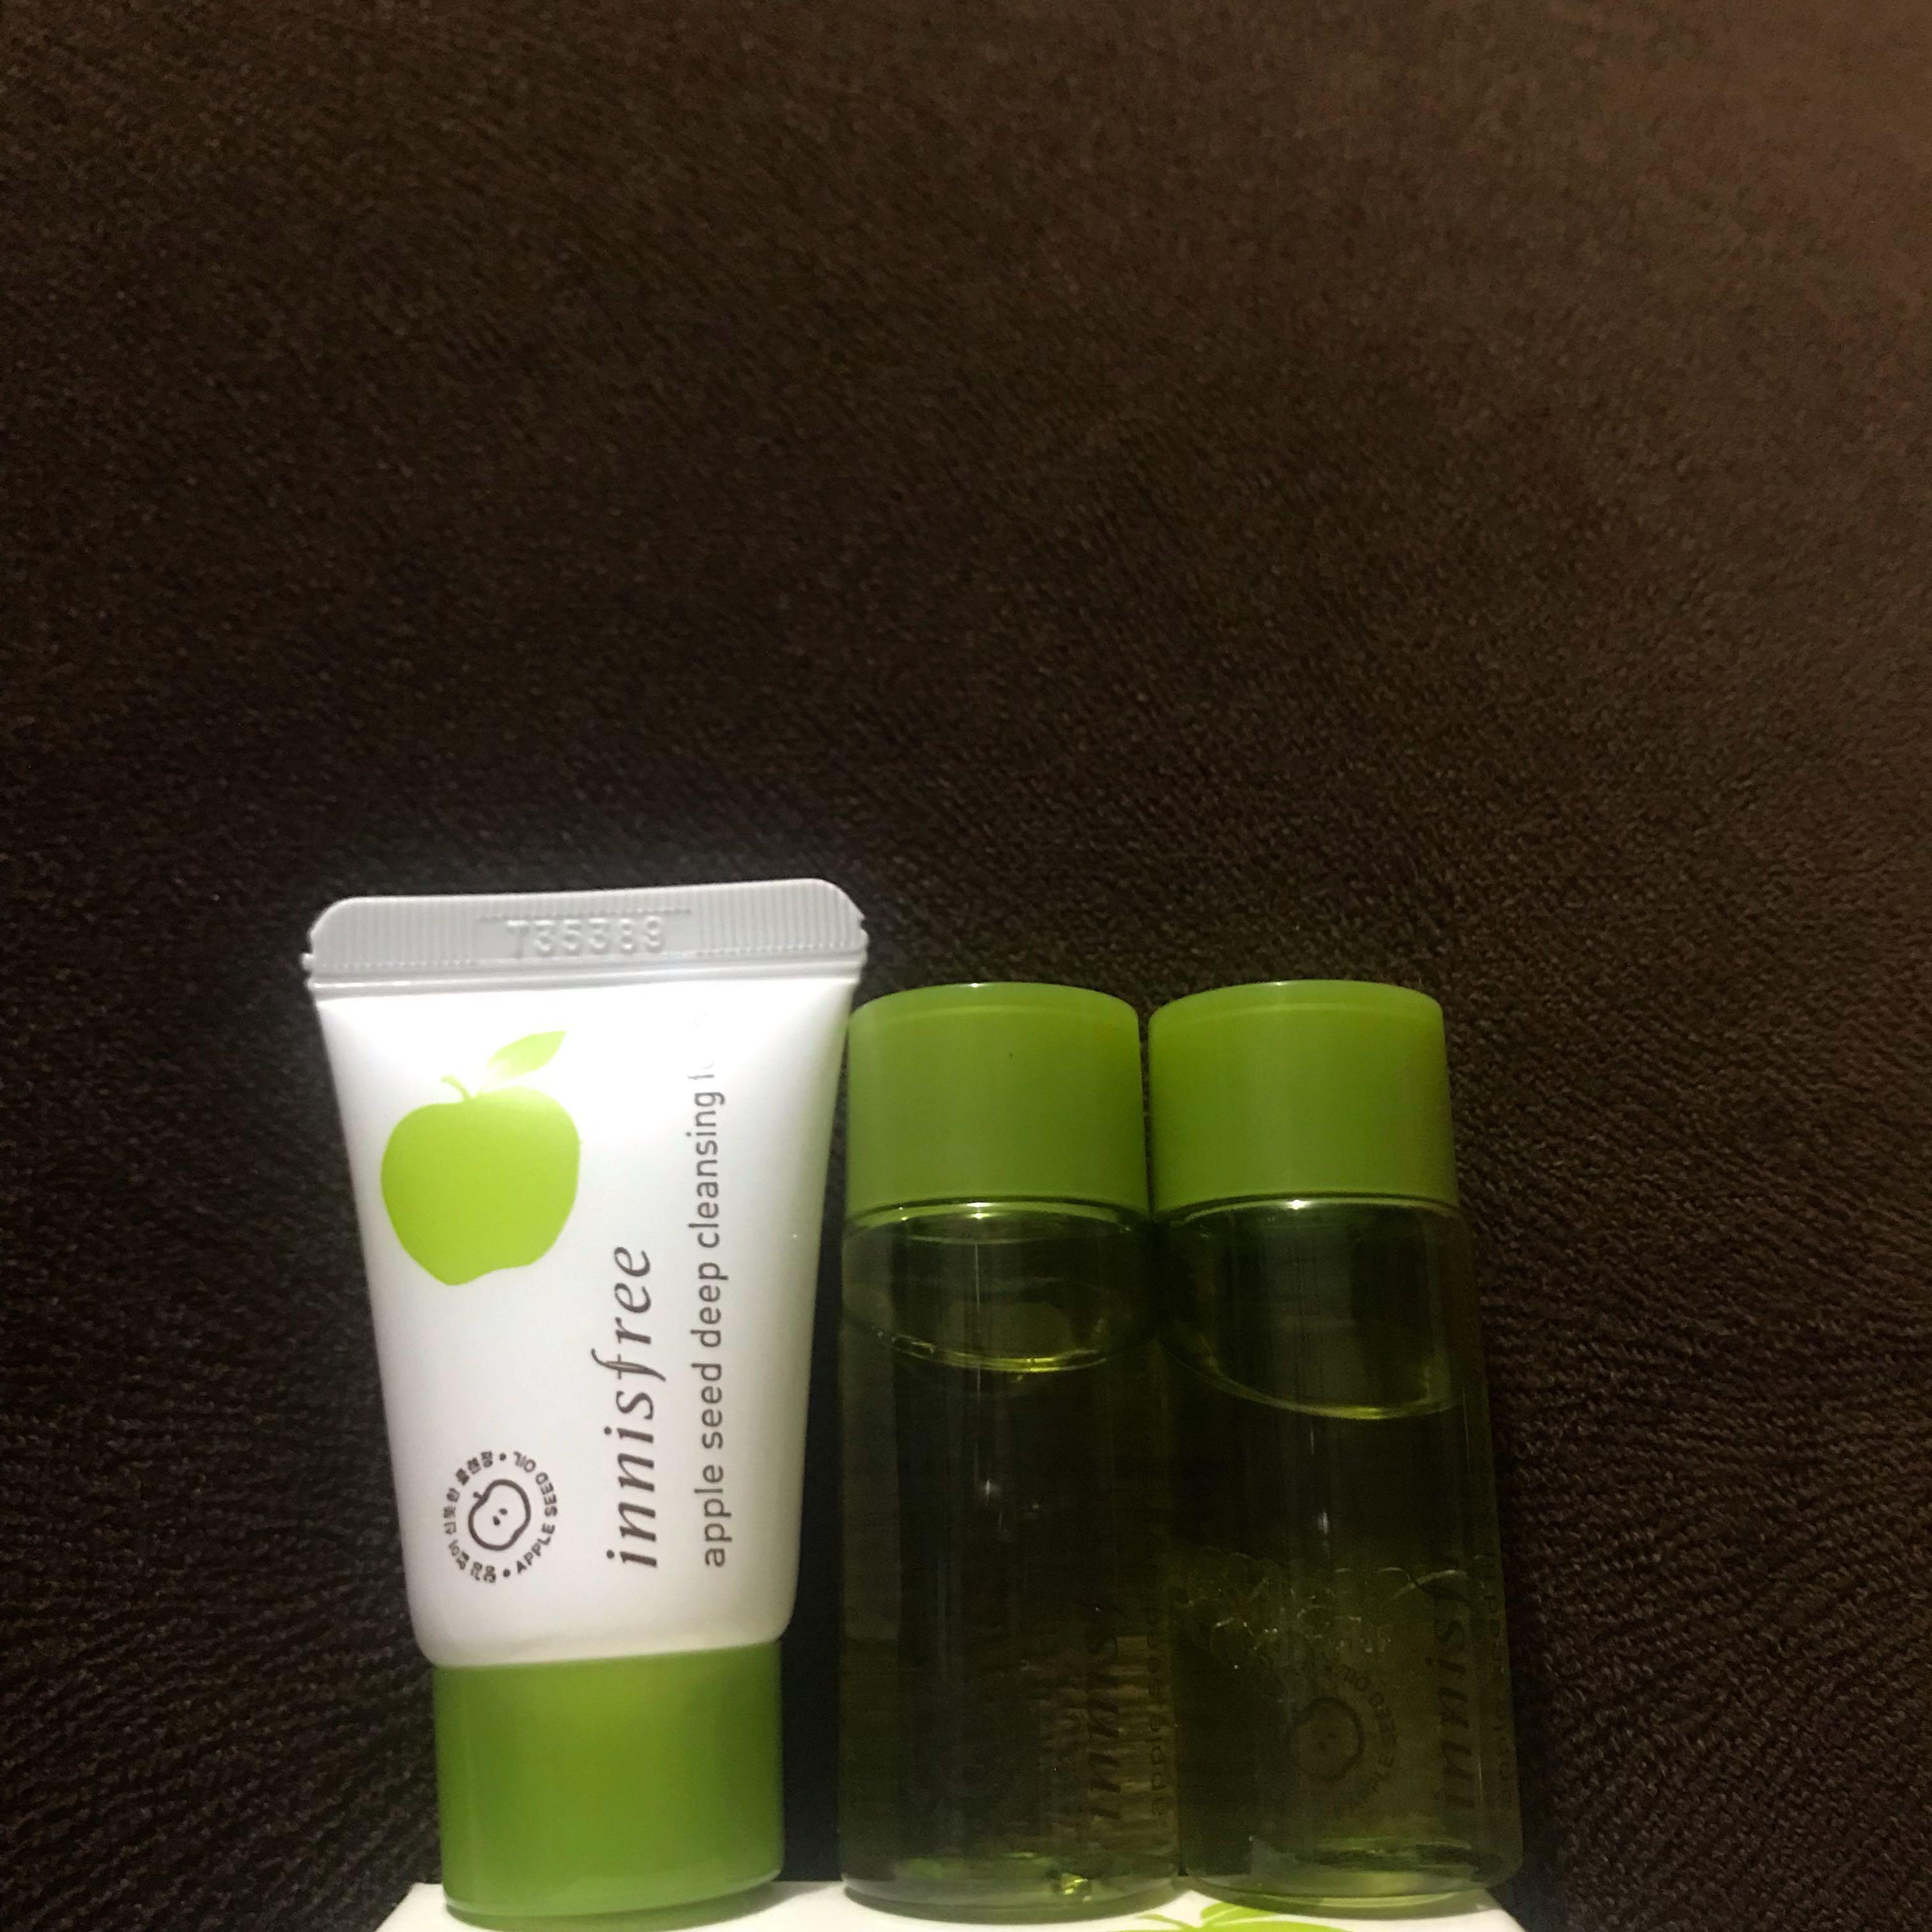 Preloved Innisfree Apple Seed Cleansing Trial Kit